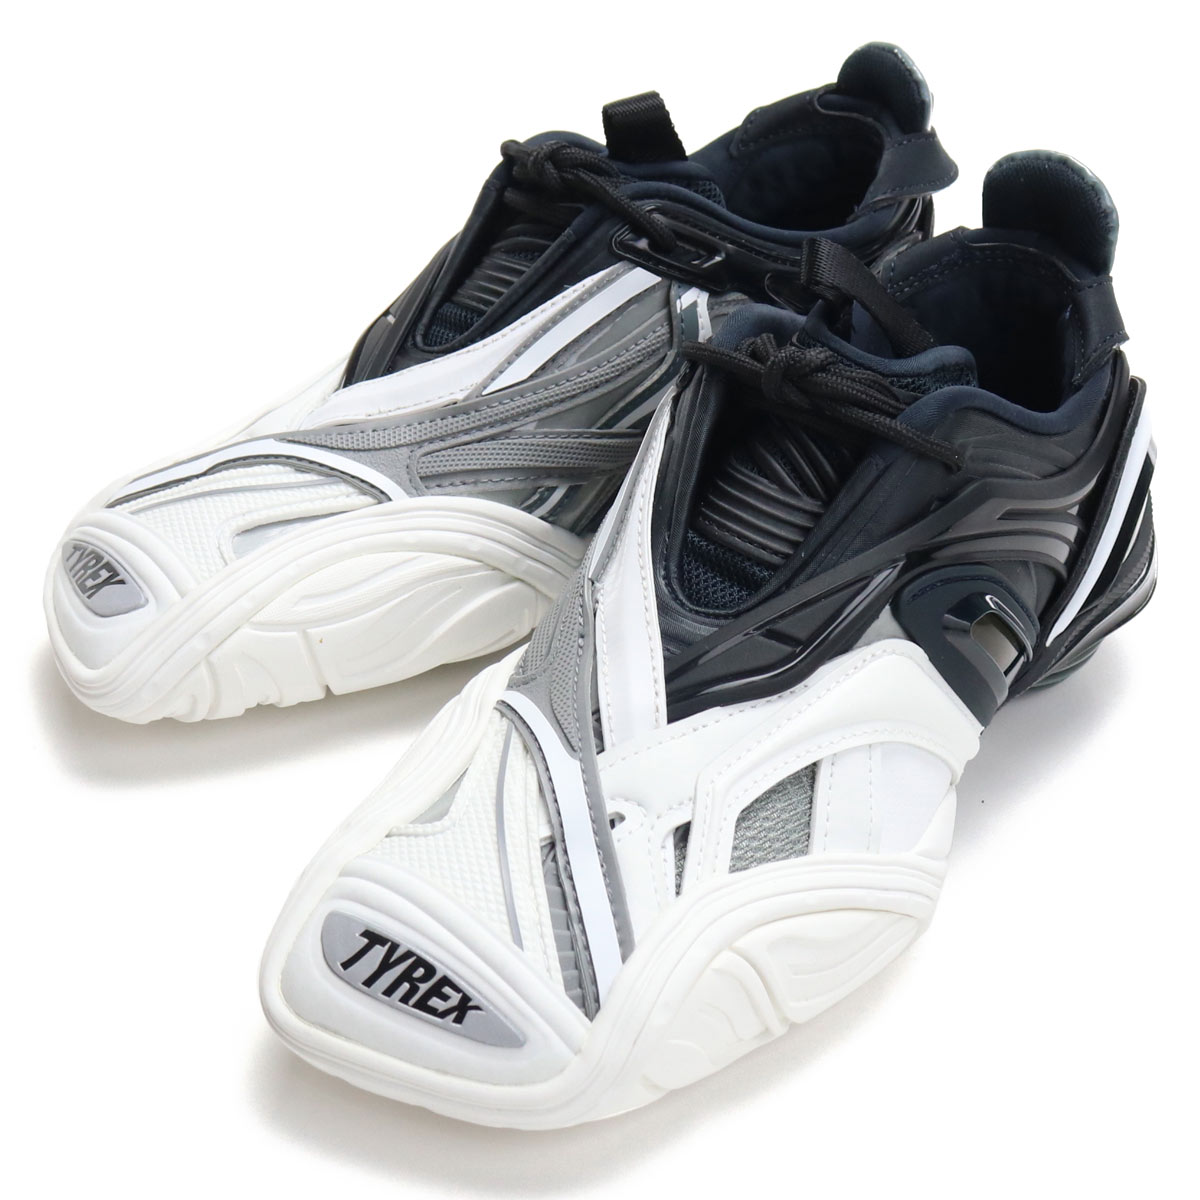 レディース靴, スニーカー  BALENCIAGA TYREX 617517 W2CB1 1090 bos-09 shoes-01 OLS-6